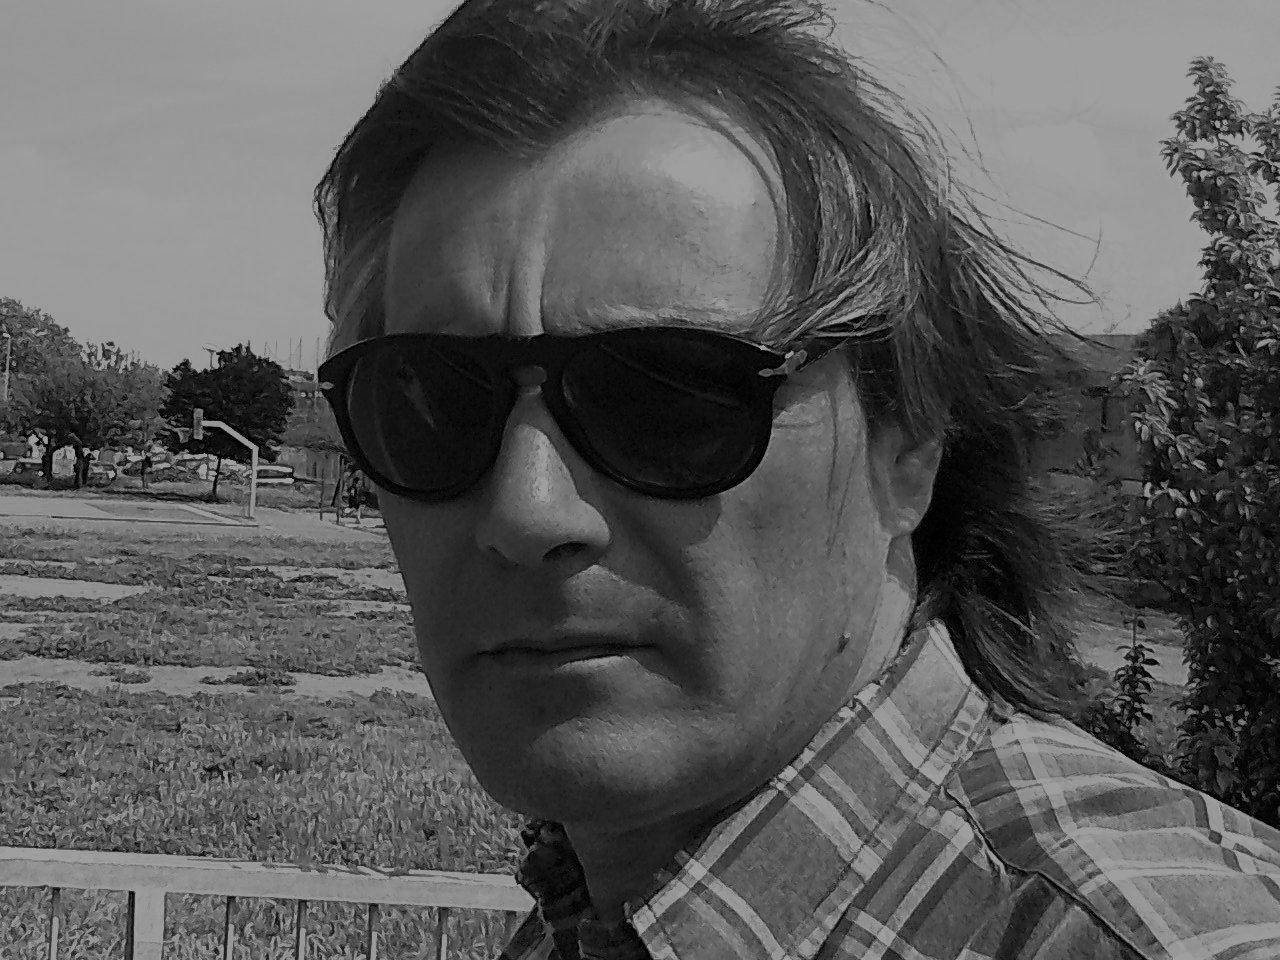 Francesco Ruffino Rossi